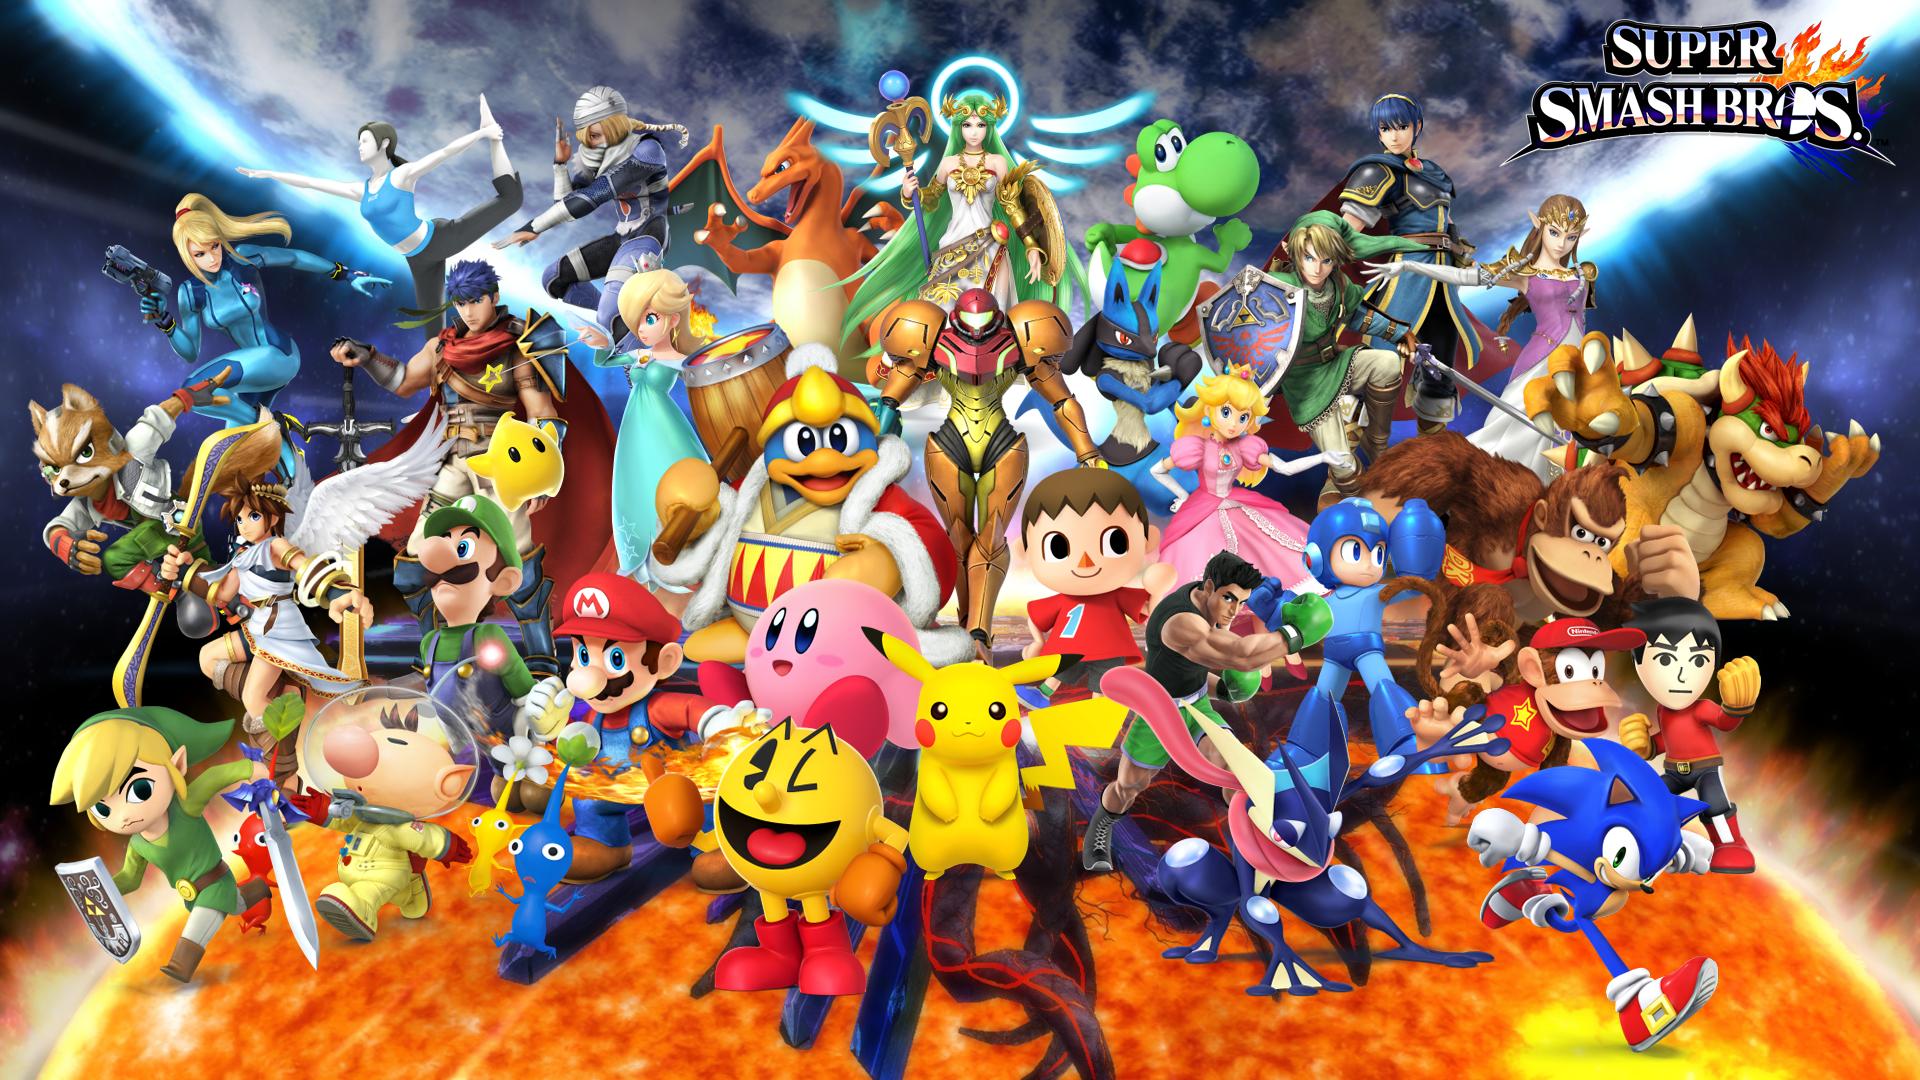 Smash Bros 4 Wallpaper - WallpaperSafari